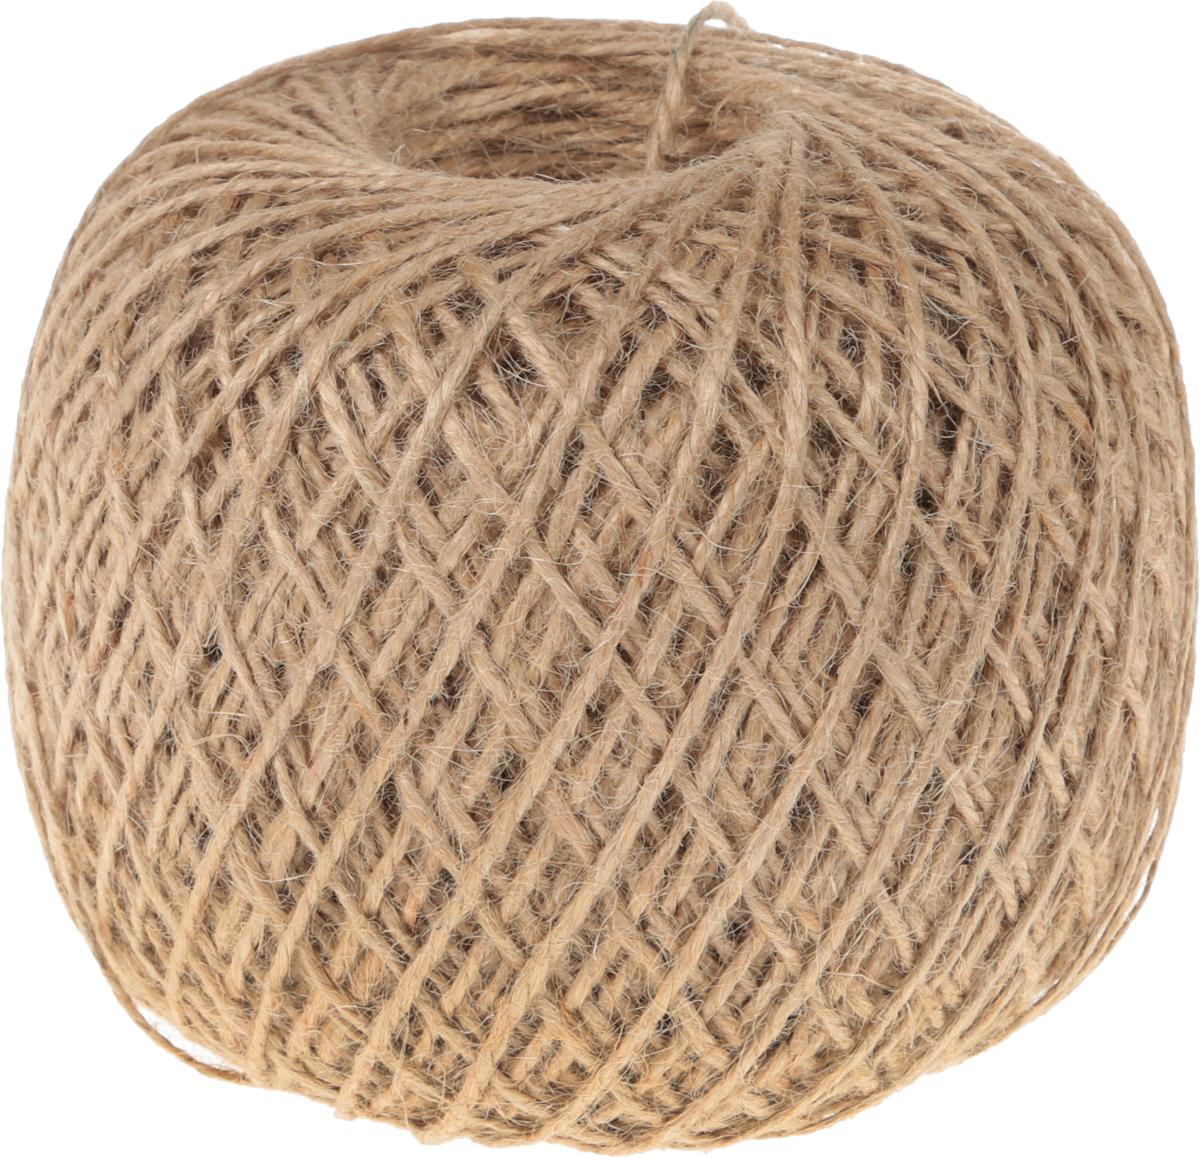 Шпагат джутовый Домашний Сундук, цвет: коричневый, 840 мДС-120Одним из основных материалов для изготовления шпагатов является джут. Джутовым шпагатом легко вязать узлы, он мягкий, прочный, не боится большой температуры и холода. Джутовые шпагаты не разрушаются под воздействием ультрафиолетовых лучей. Преимущества джута - чистота волокна, отсутствие осыпаемости поверхностного слоя, легкость, высокая гигроскопичность. Джут - это экологически чистый материал, который не выделяет токсических веществ, благодаря чему шпагат джутовый в 2 нити (1,12 КТекс) долго сохраняет первоначальный вид. Линейная плотность шпагата - 1,12 кТекс.Используется для бытовых и технологических нужд в различных отраслях производства.